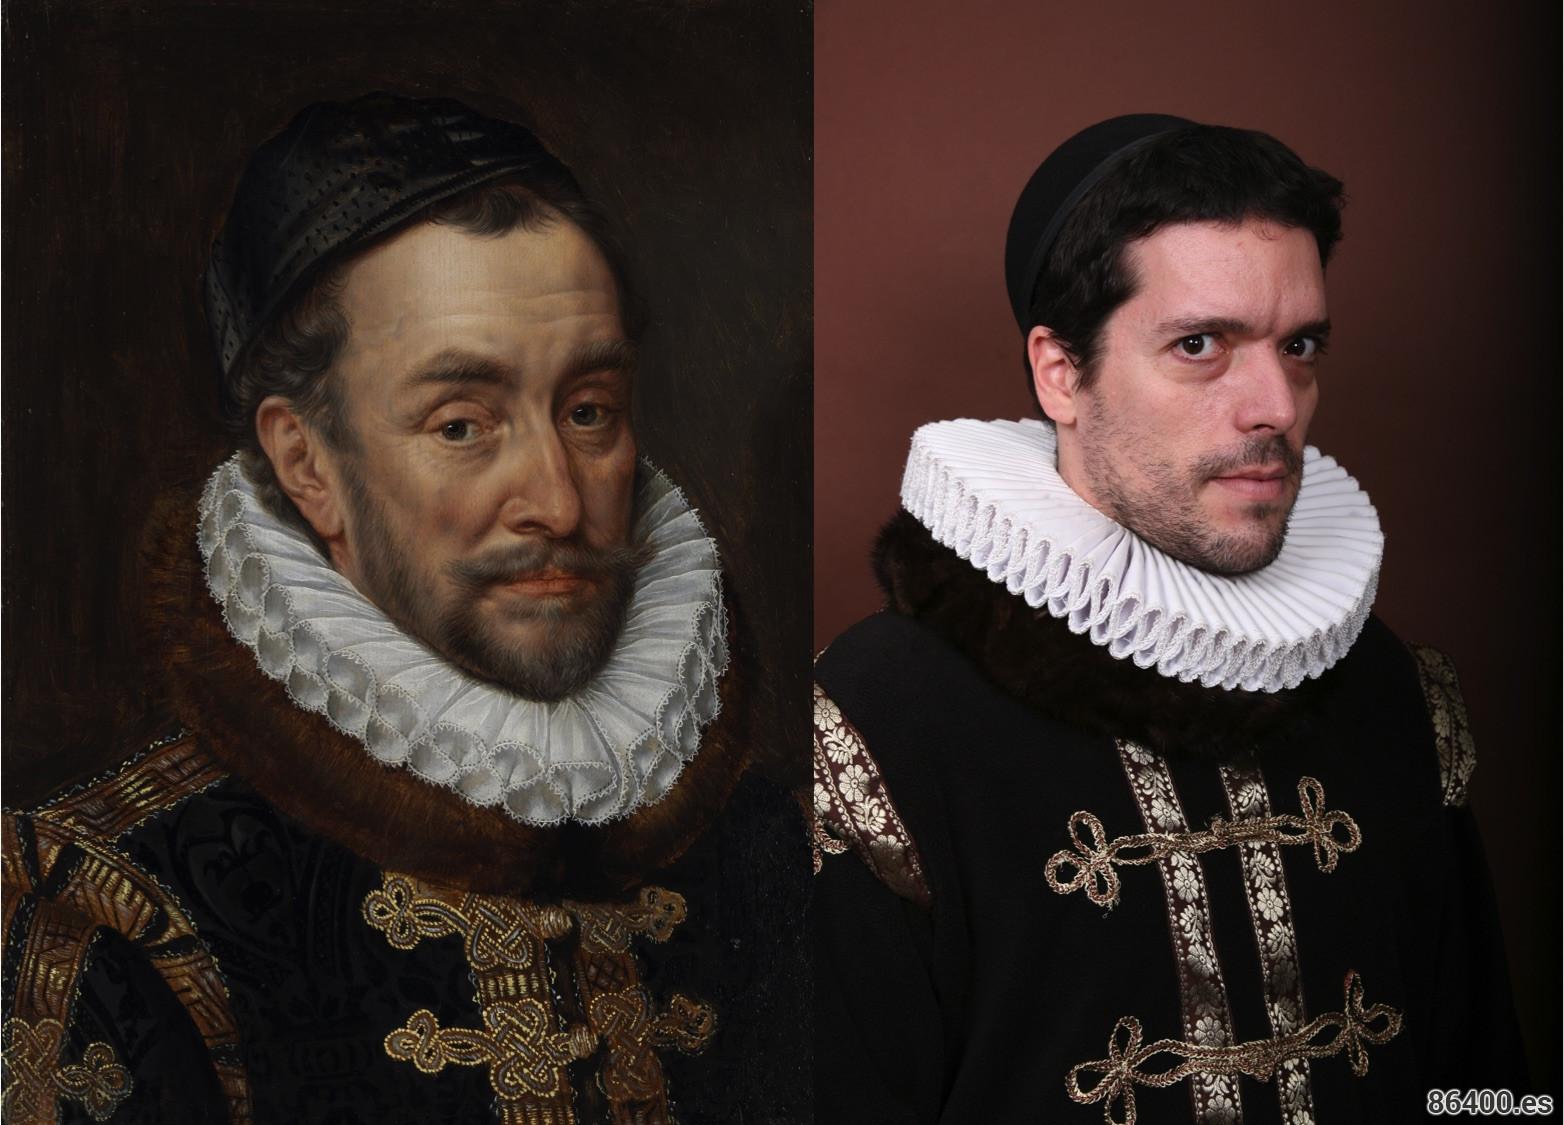 Alex protagonizando el famoso retrato de Retrato del príncipe de Orange de Adriaen Thomasz Key